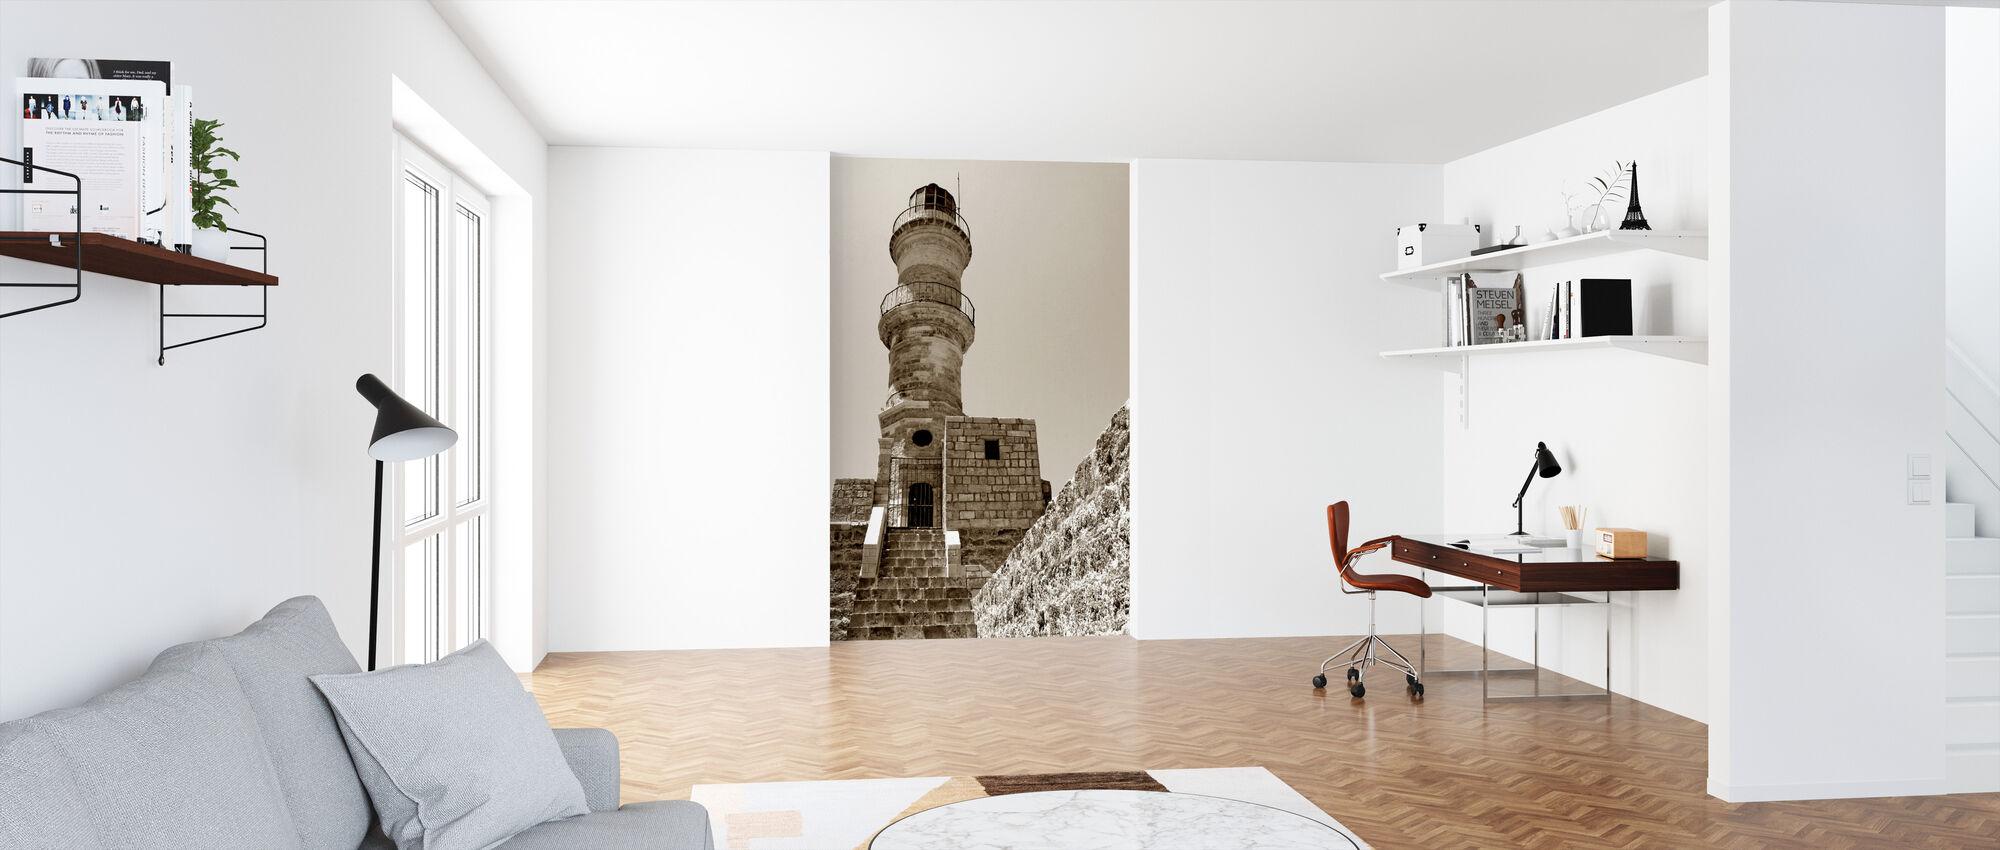 Fyrtårn - Tapet - Kontor